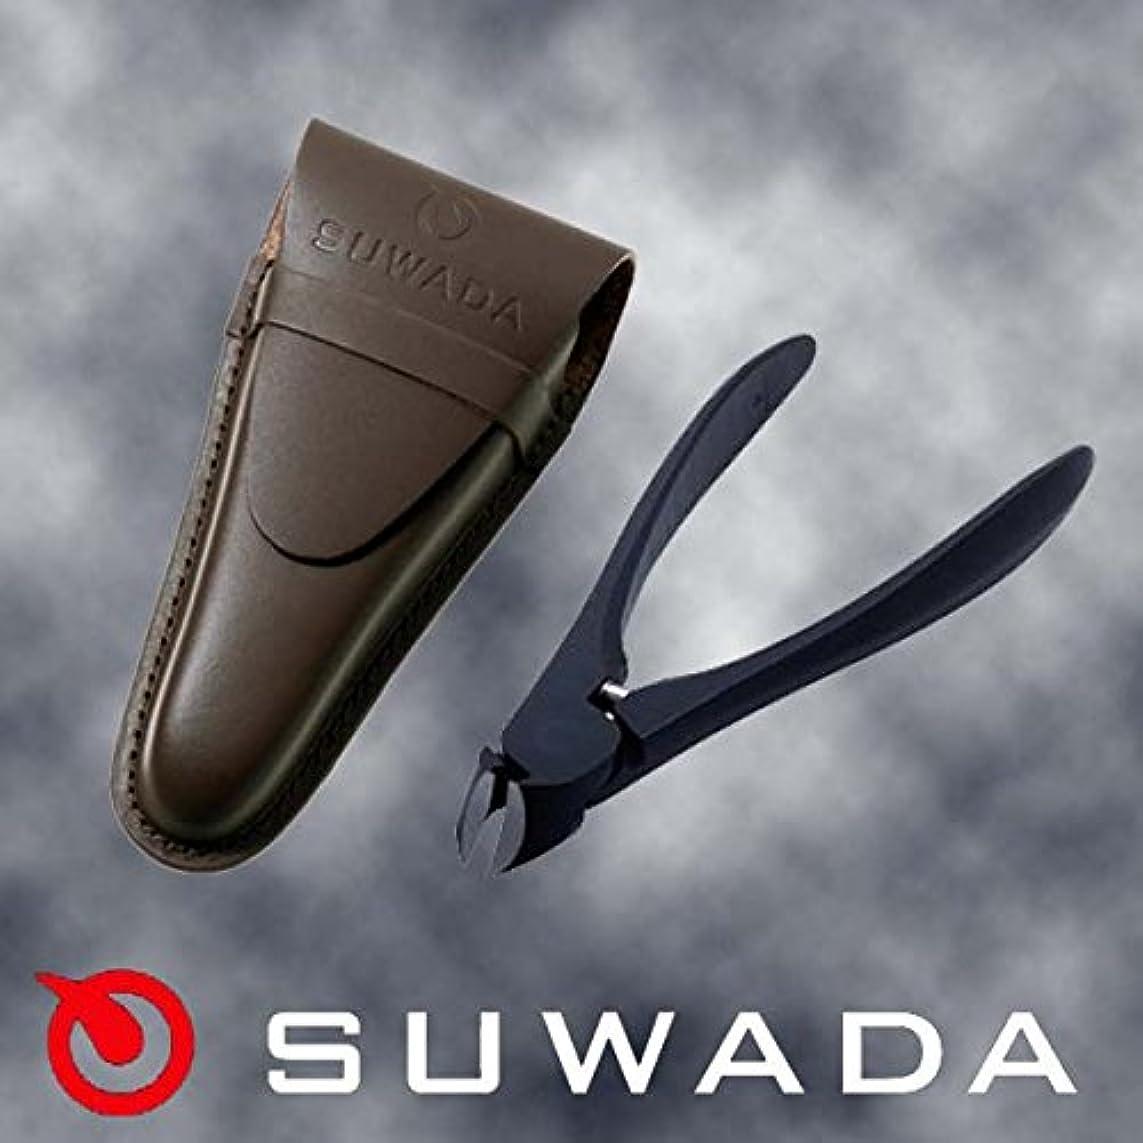 異形無法者呼ぶSUWADA 爪切りブラックS&ブラウン革ケースセット 諏訪田製作所 スワダ爪切り